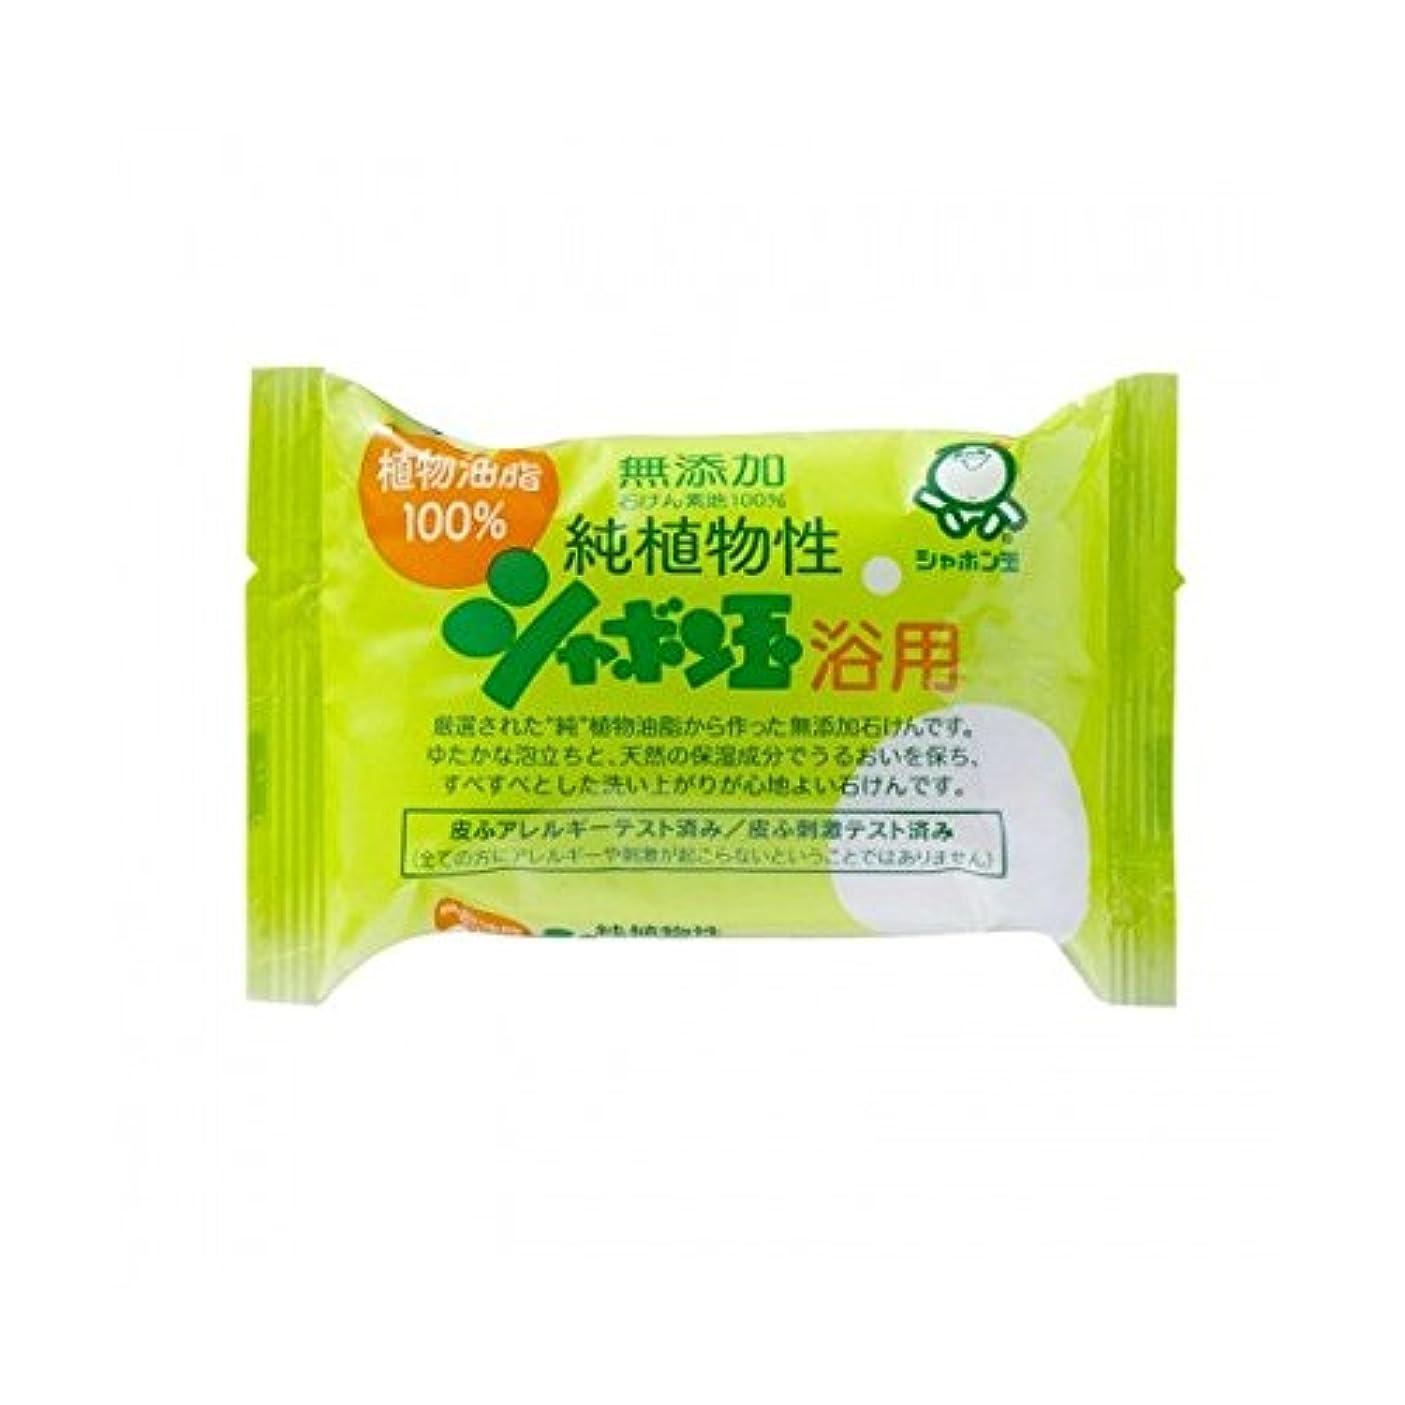 テープ満足発生シャボン玉石けん シャボン玉 純植物性 浴用 100g(無添加石鹸)×120点セット (4901797003013)